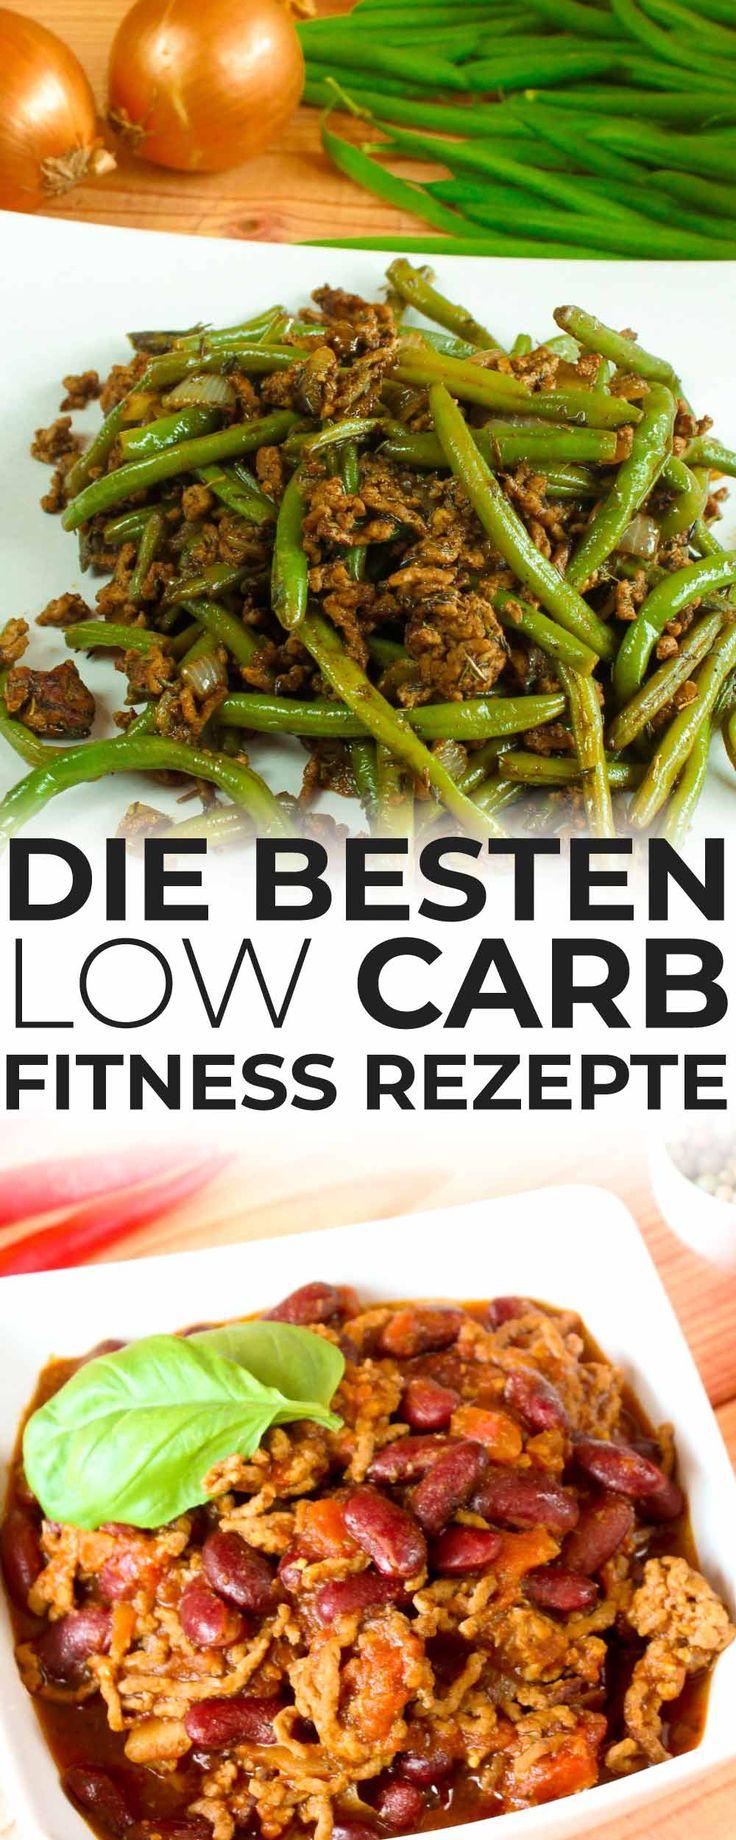 Die 13 Besten Fitness Rezepte für optimalen Muskelaufbau (Low Carb)